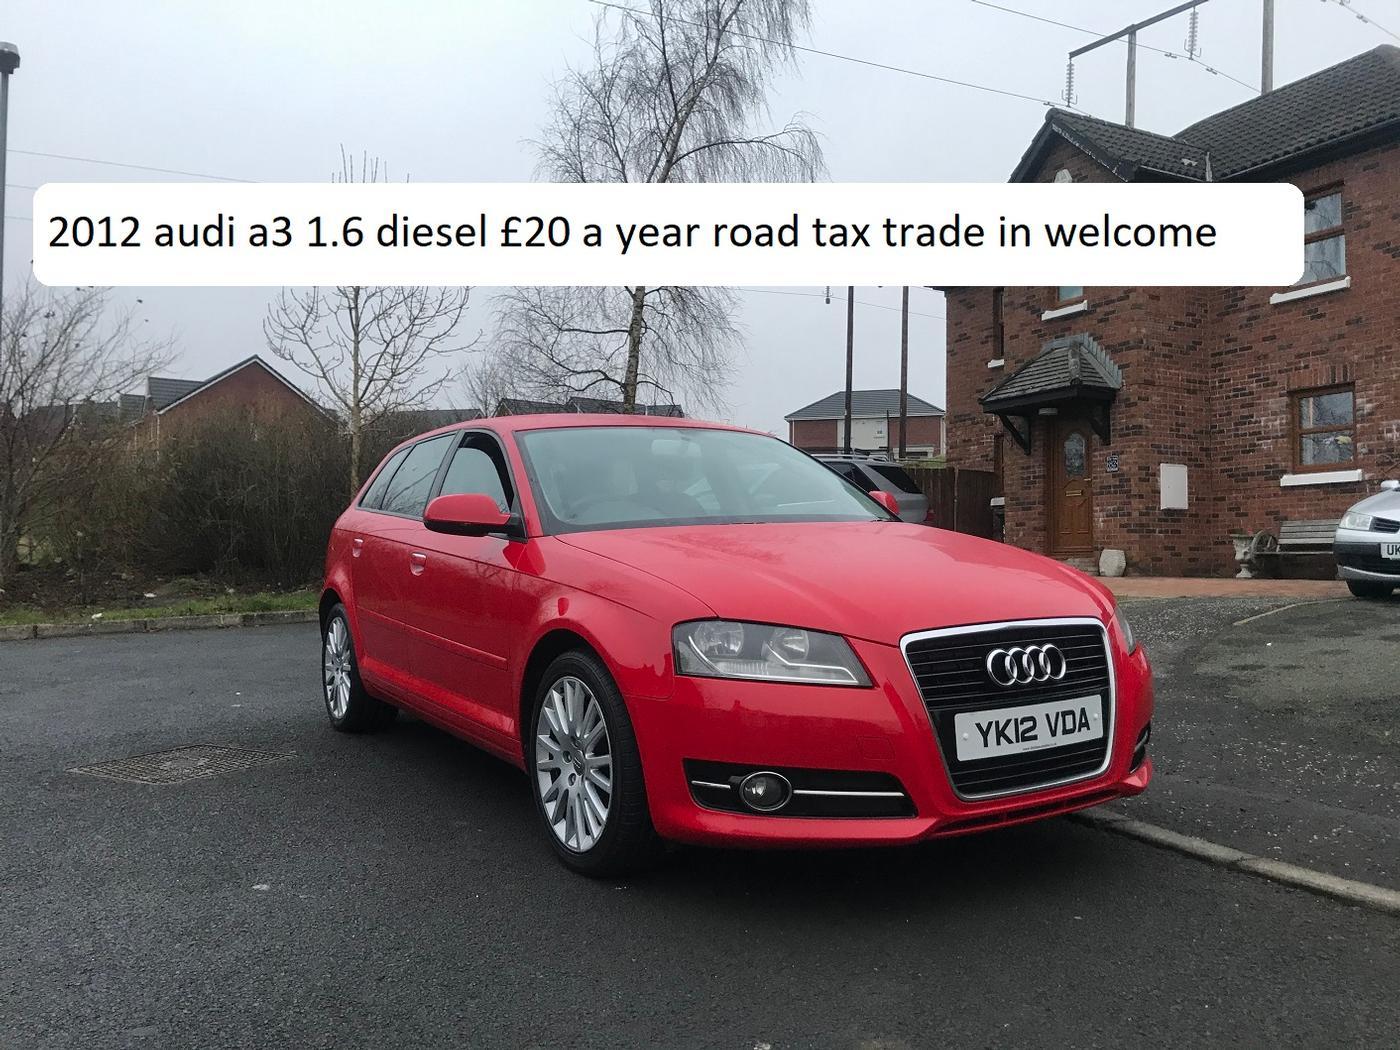 2012 audi a3 1.6 diesel